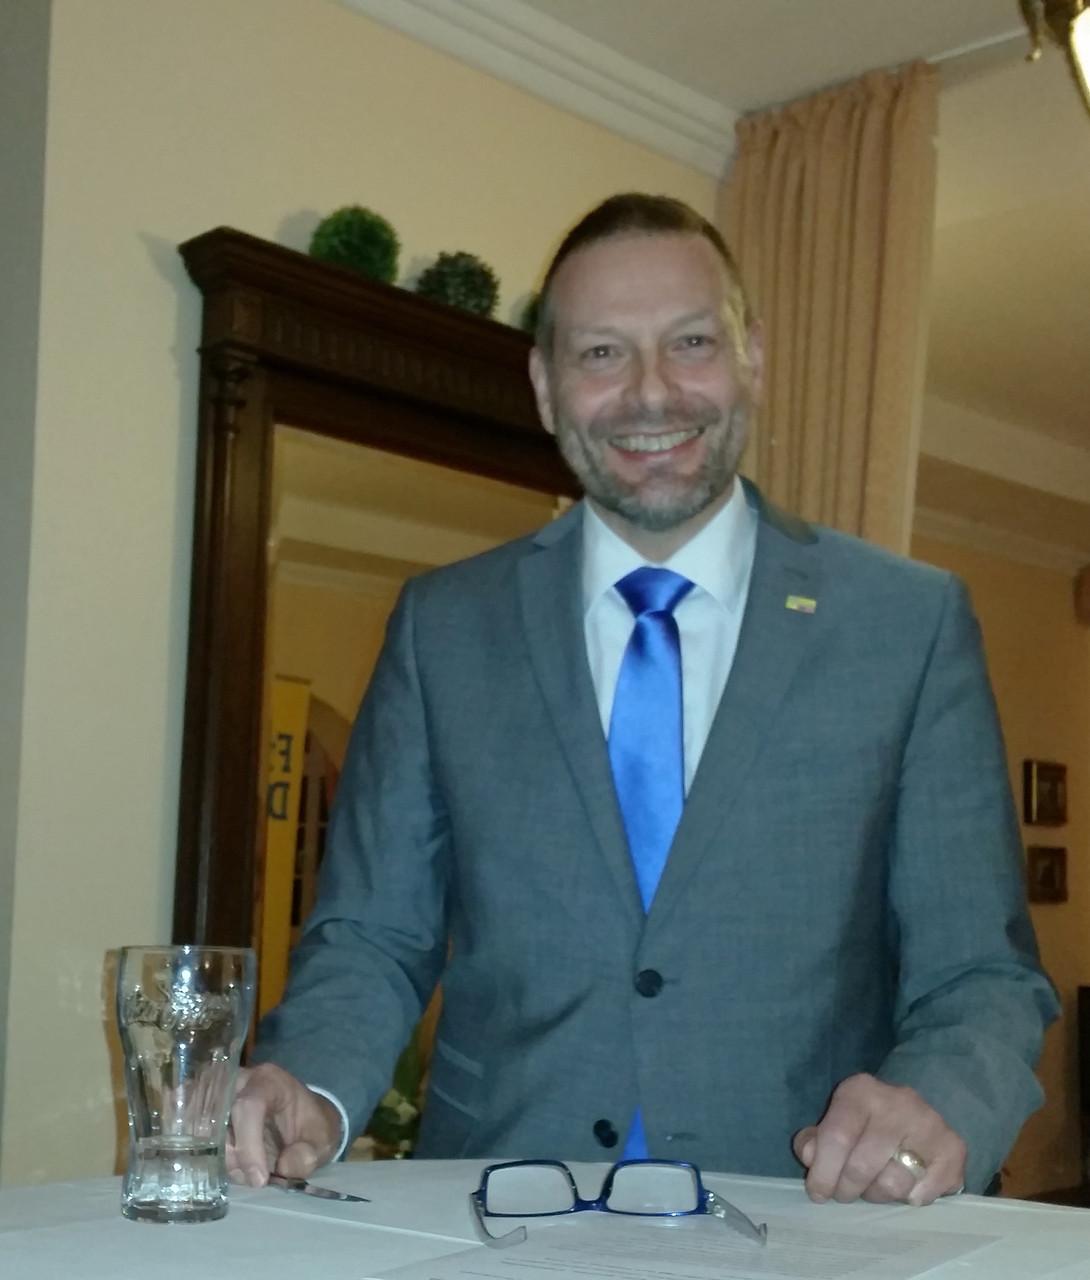 Achim Wyen, Vorsitzender des FDP-Ortsverbandes West bei der Begrüßung